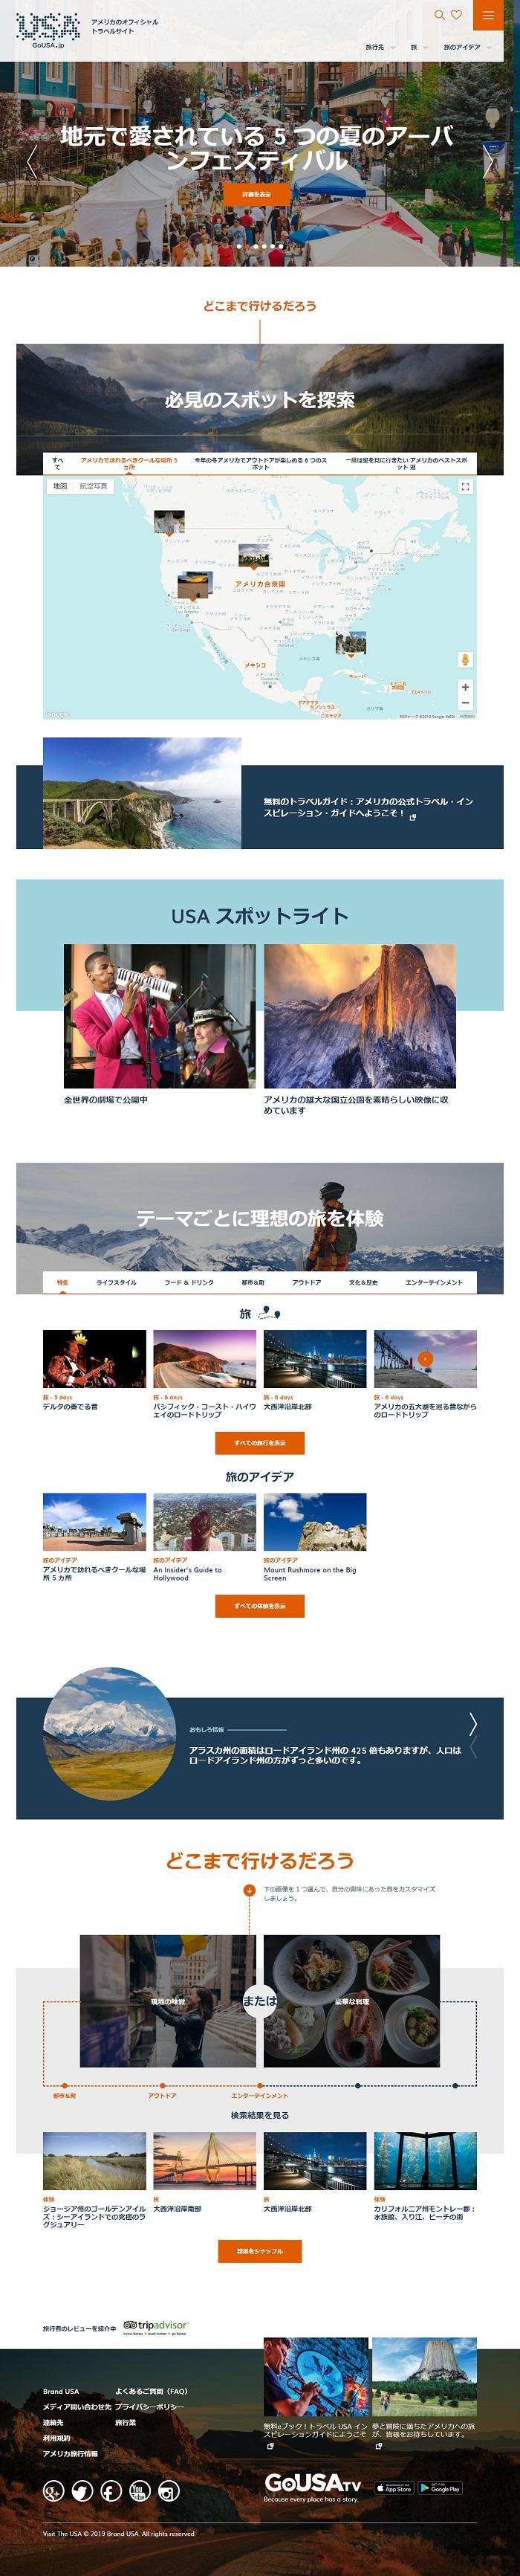 国立公園などのアメリカ観光地と名所を検索 | GoUSA